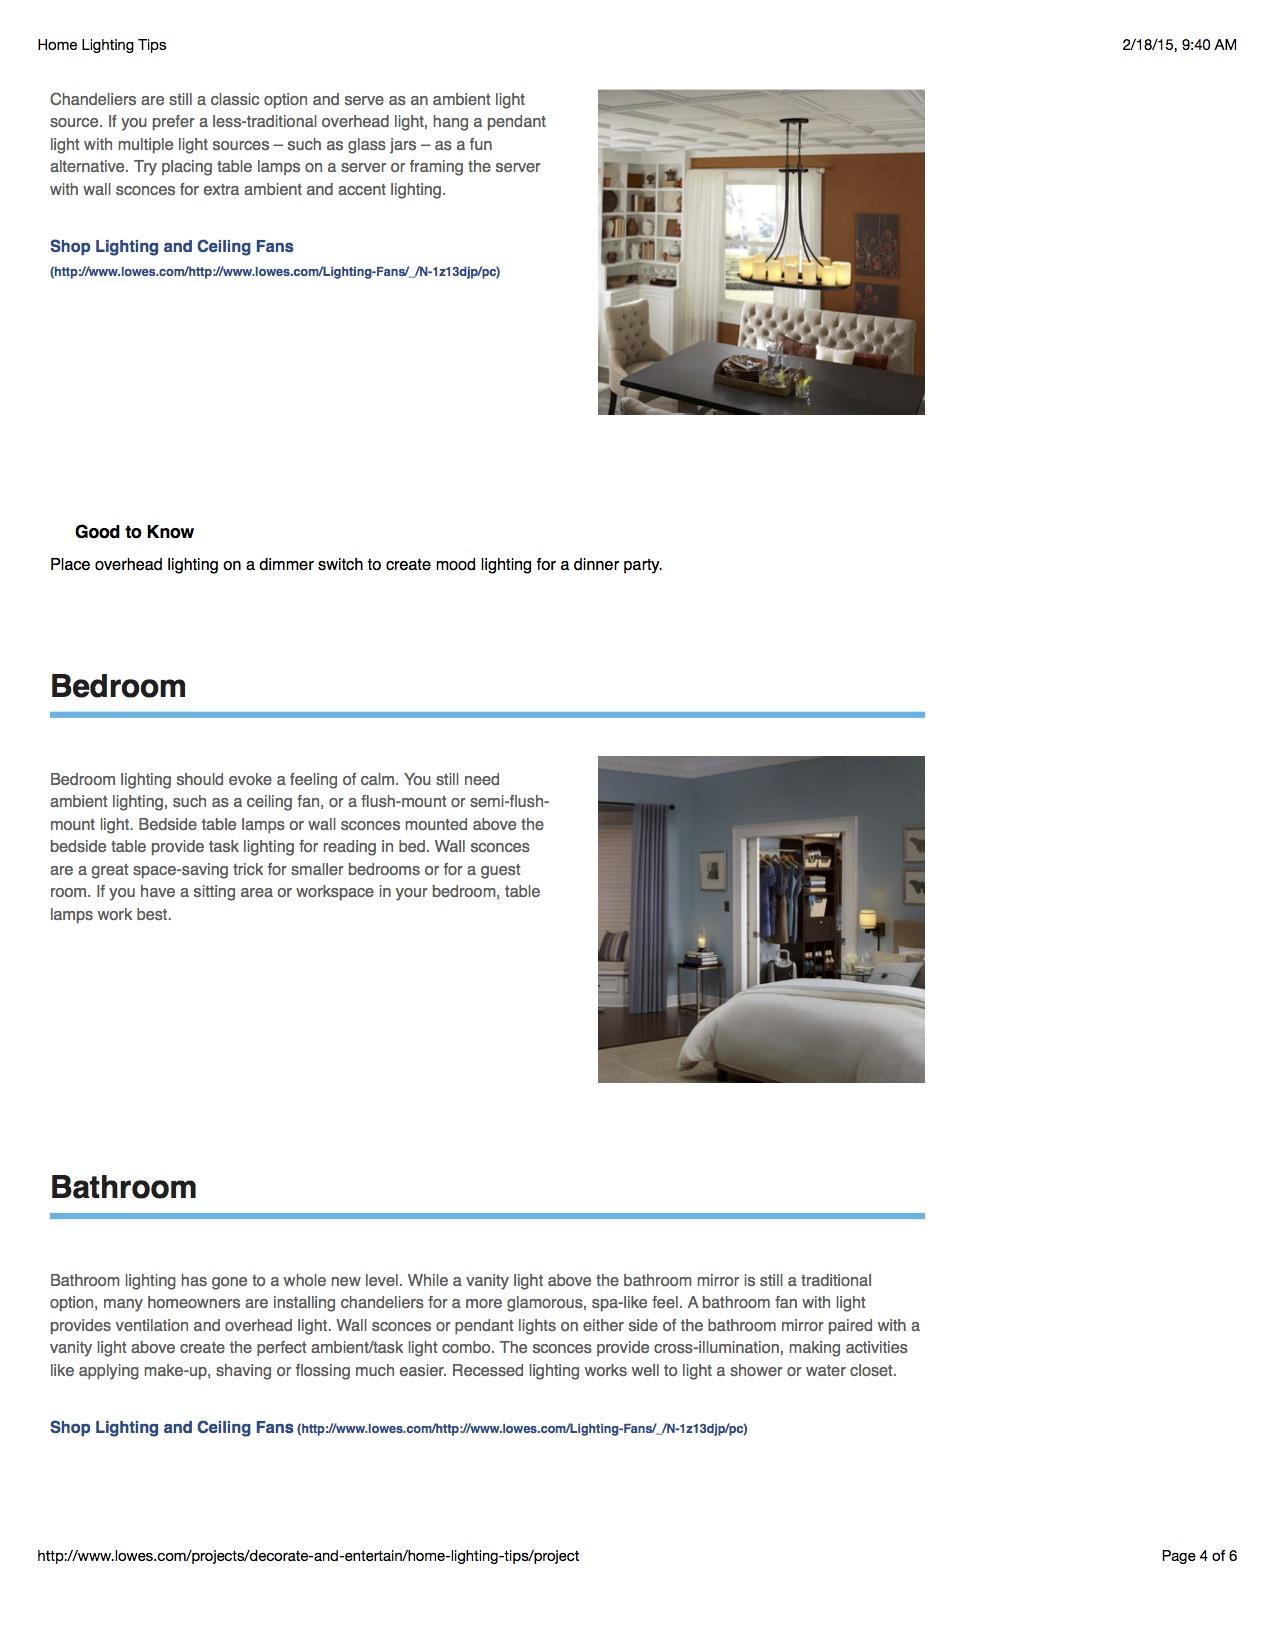 Home Lighting Tips_4.jpg